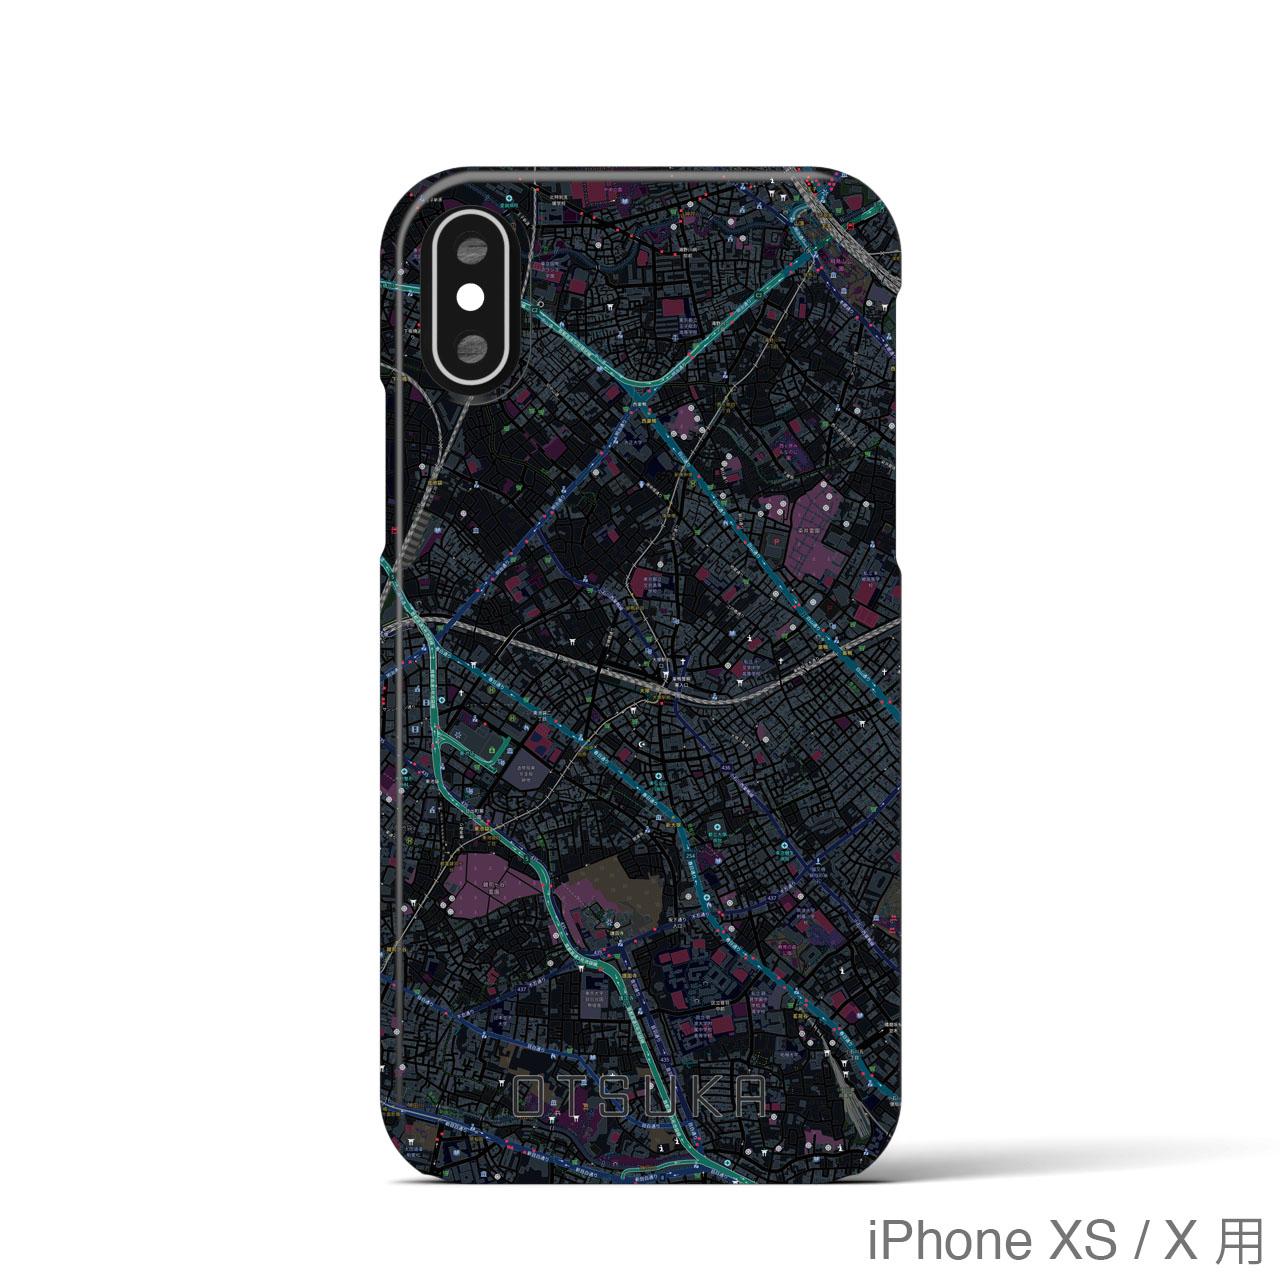 【大塚】地図柄iPhoneケース(バックカバータイプ・ブラック)